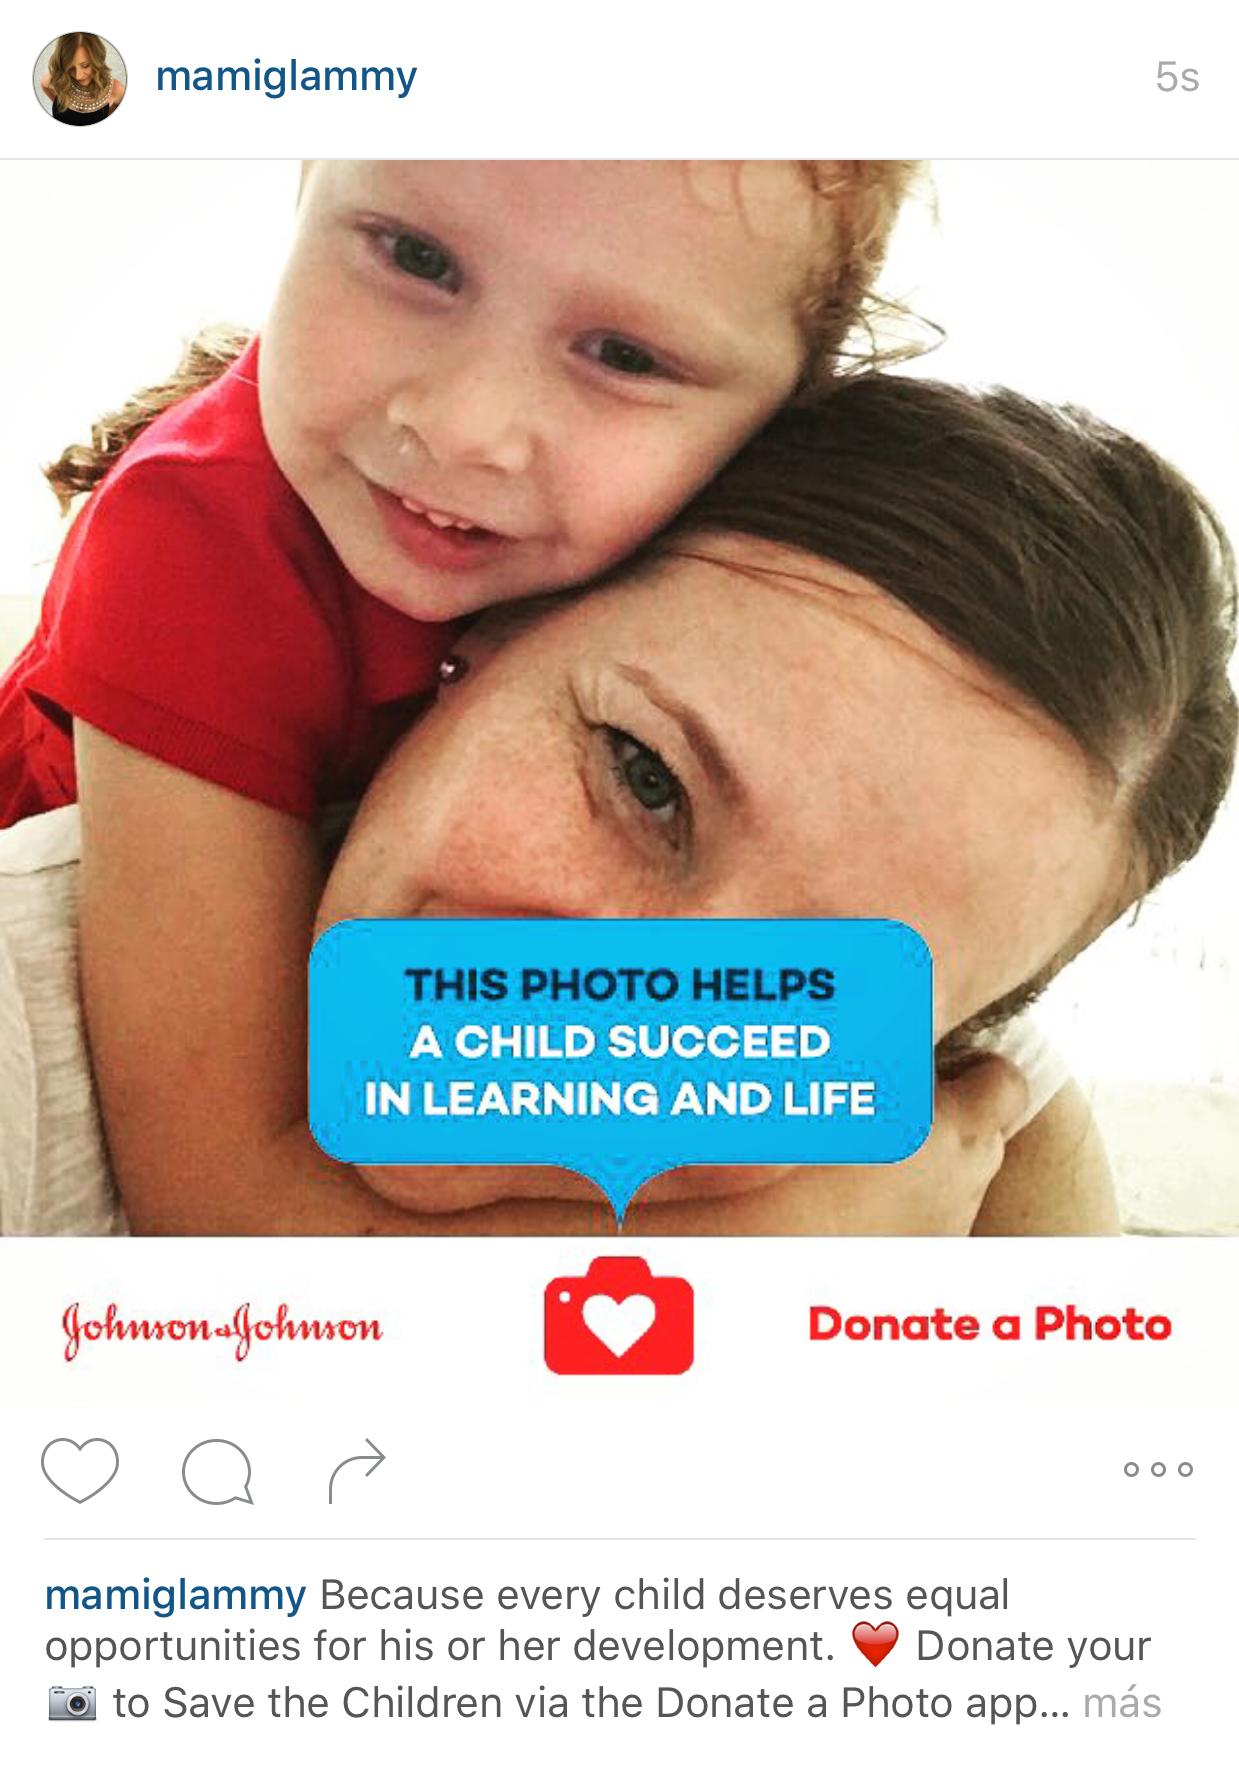 Salva a un niño donando una foto con Johnson's Save the Children